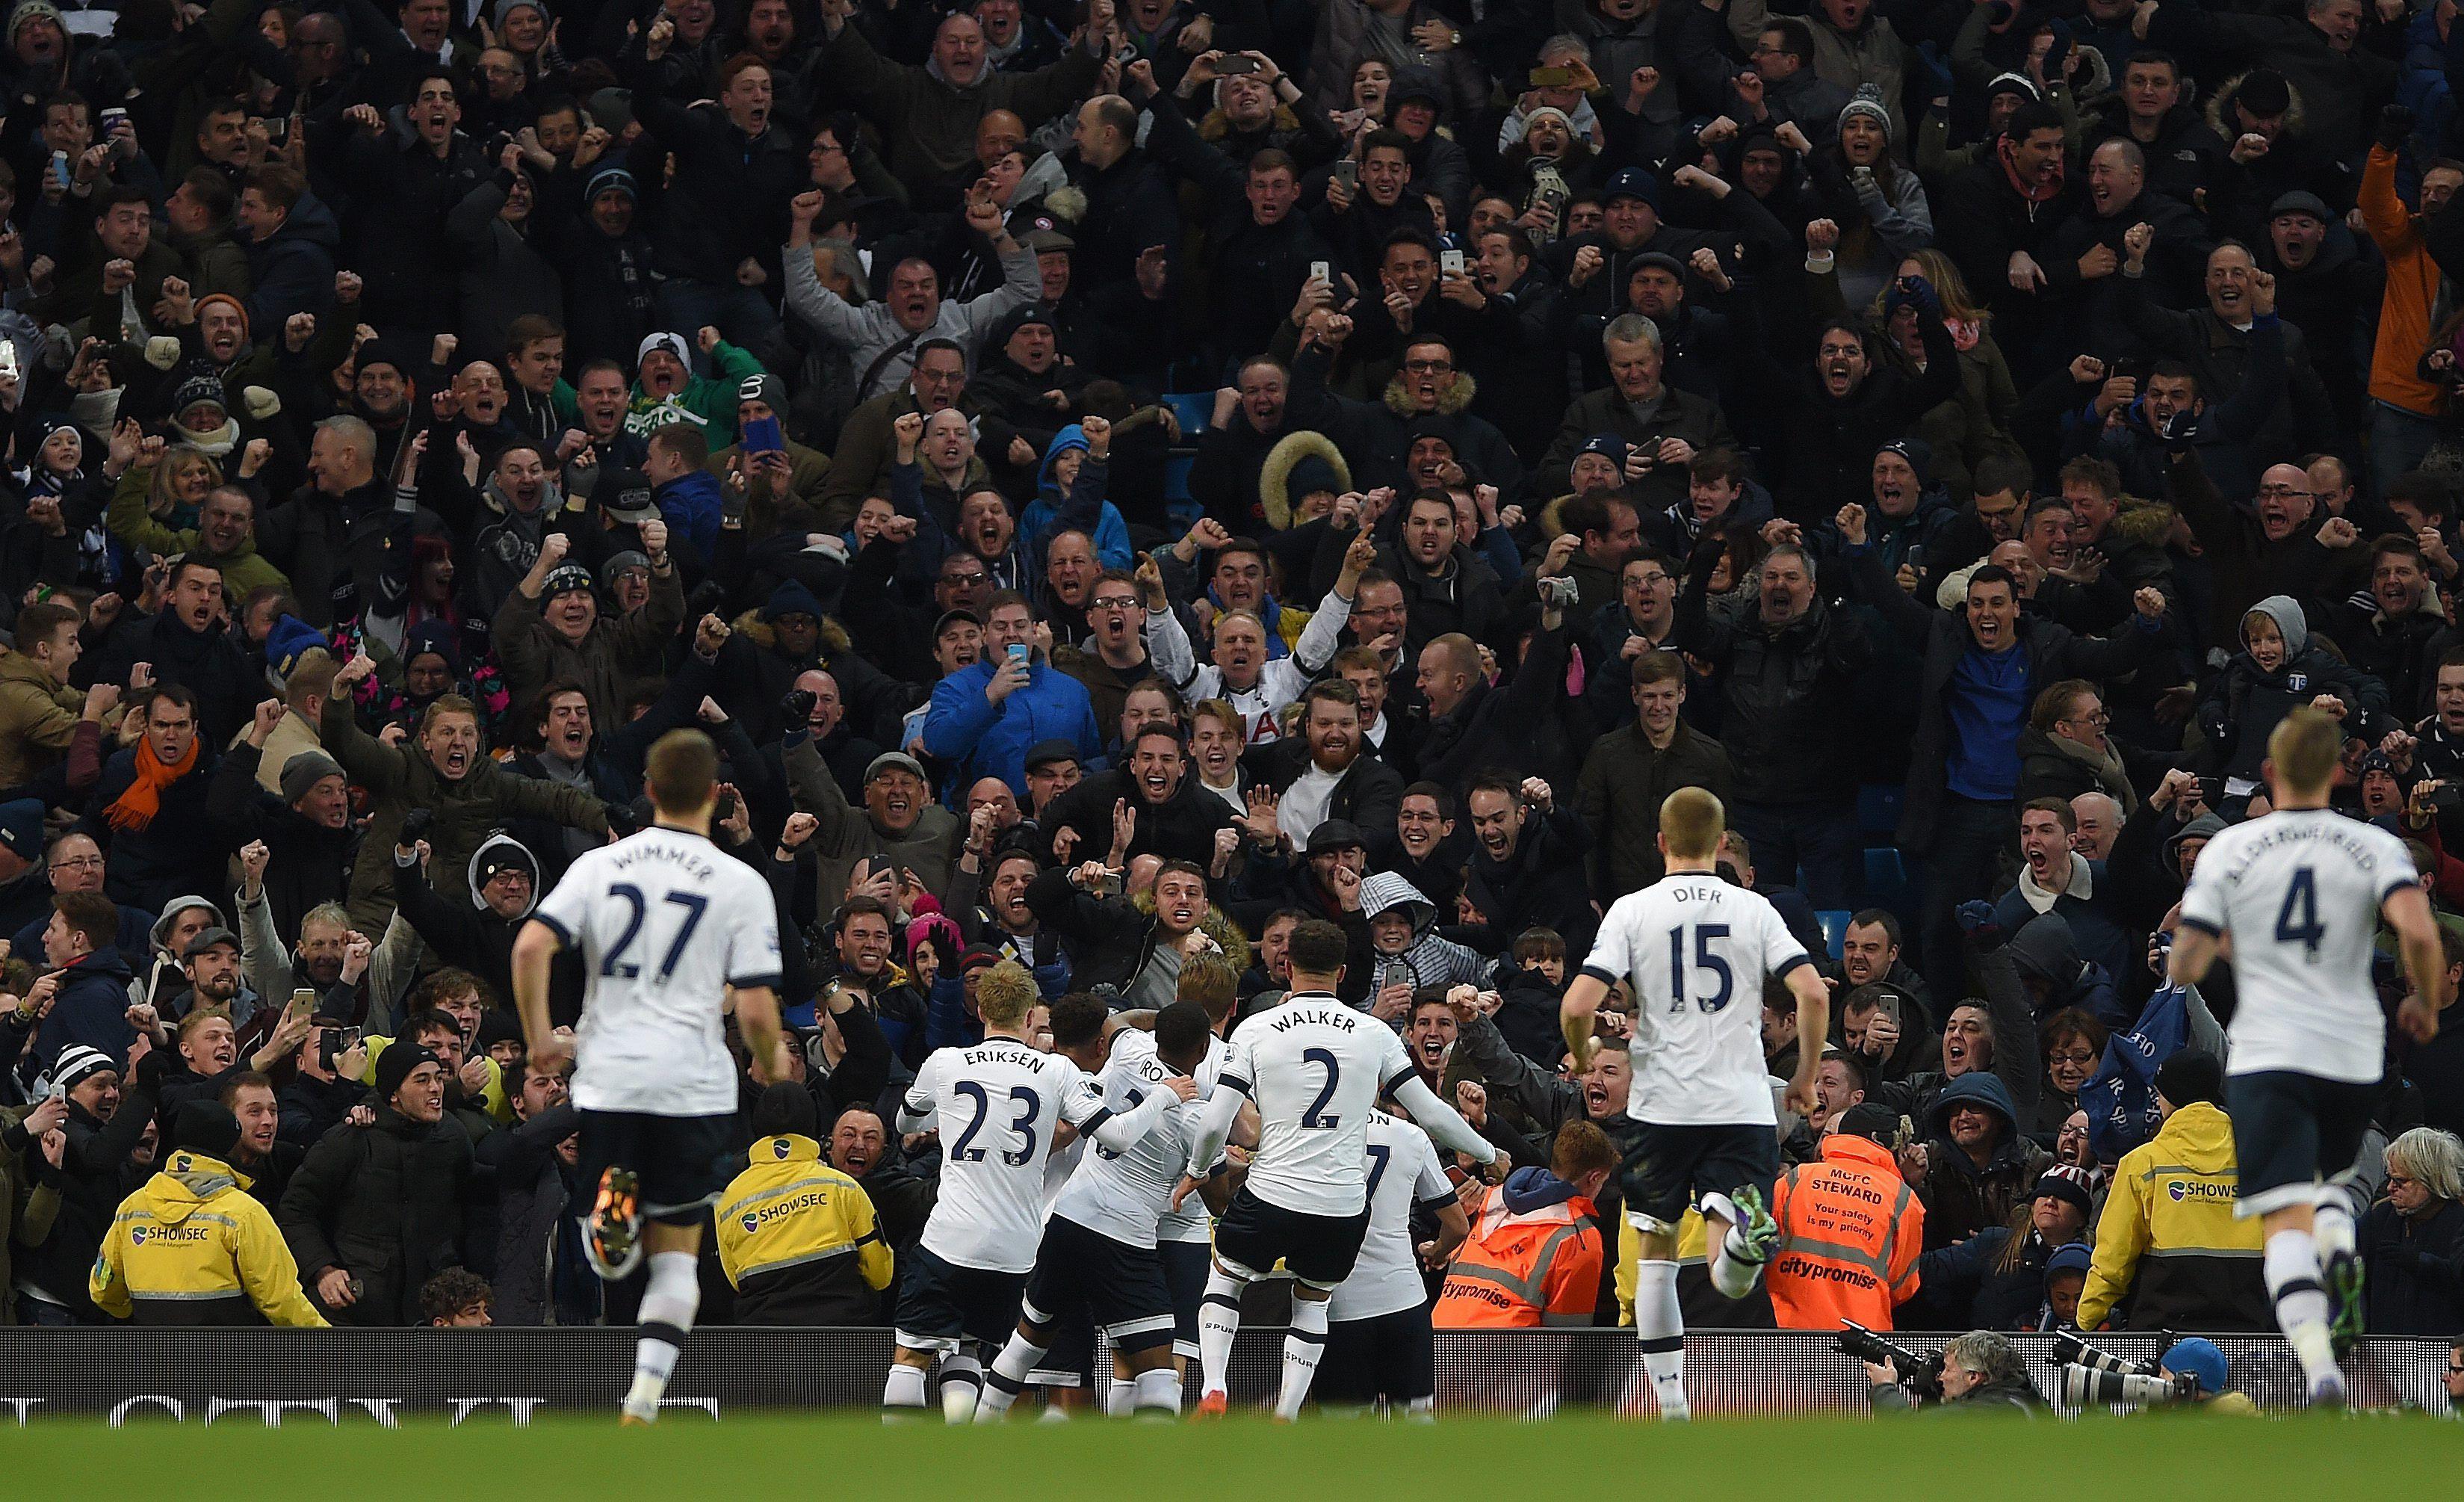 El City de Agüero cayó ante el Tottenham de Pochettino y se alejó de la cima